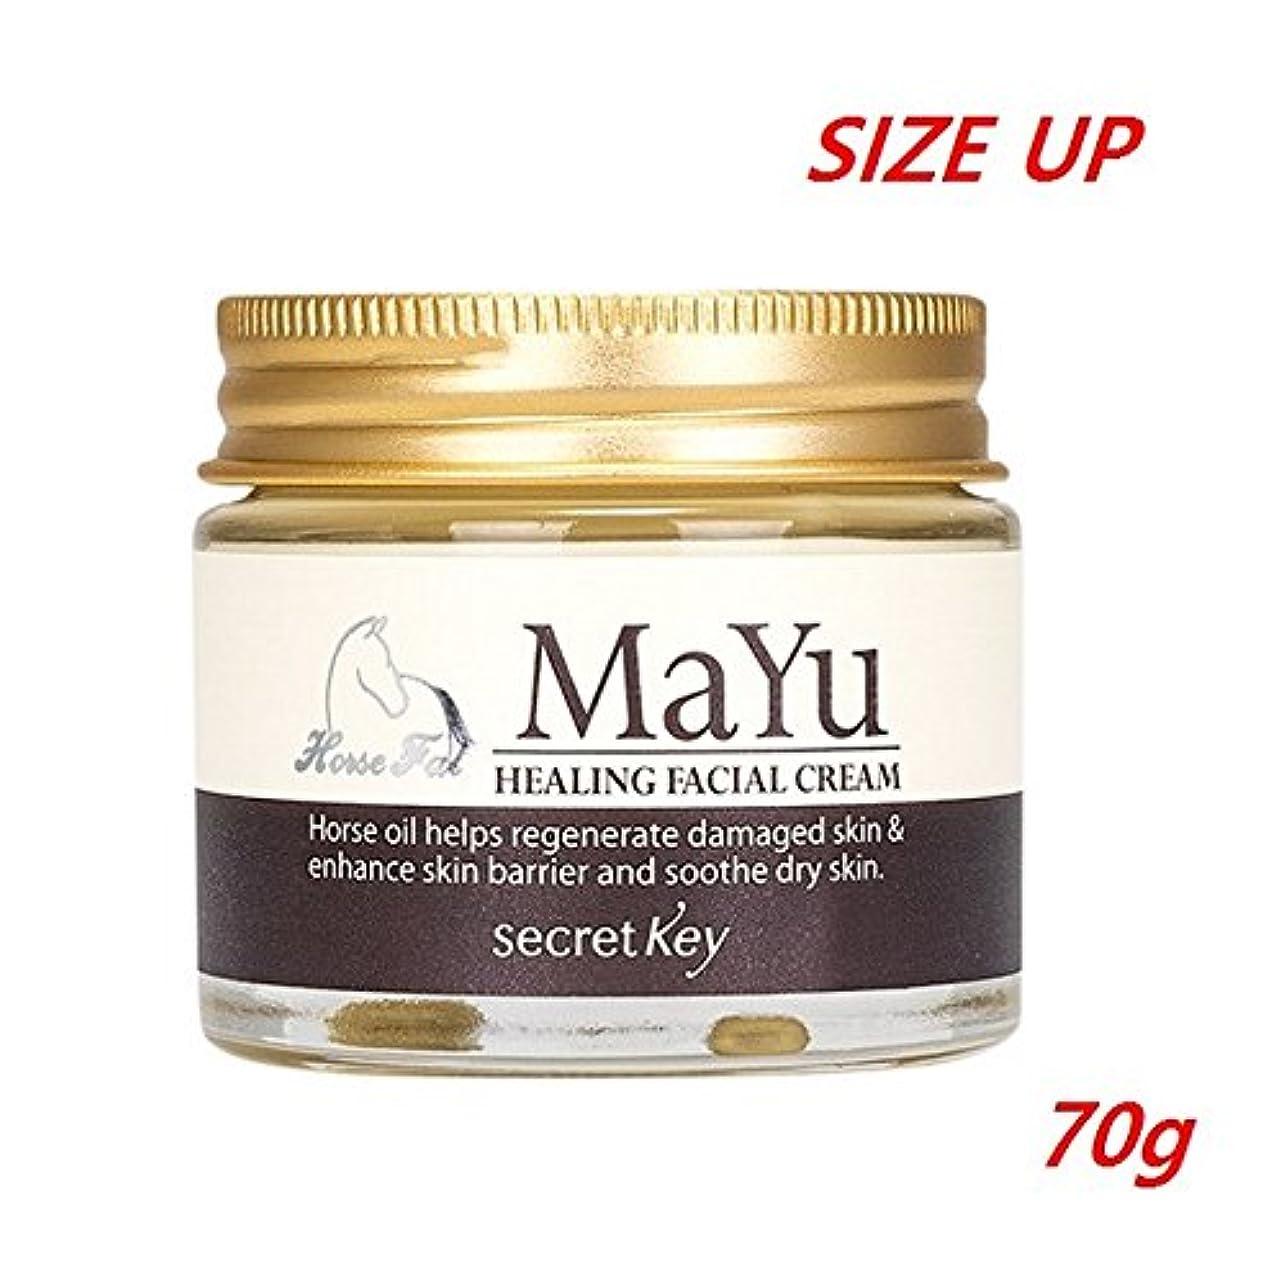 行商人すばらしいですコットンシークレットキー 馬油 ヒーリング フェイシャル クリーム/Secret Key Mayu Healing Facial Cream 70g Size Up(50g to 70g Up Grade) [並行輸入品]